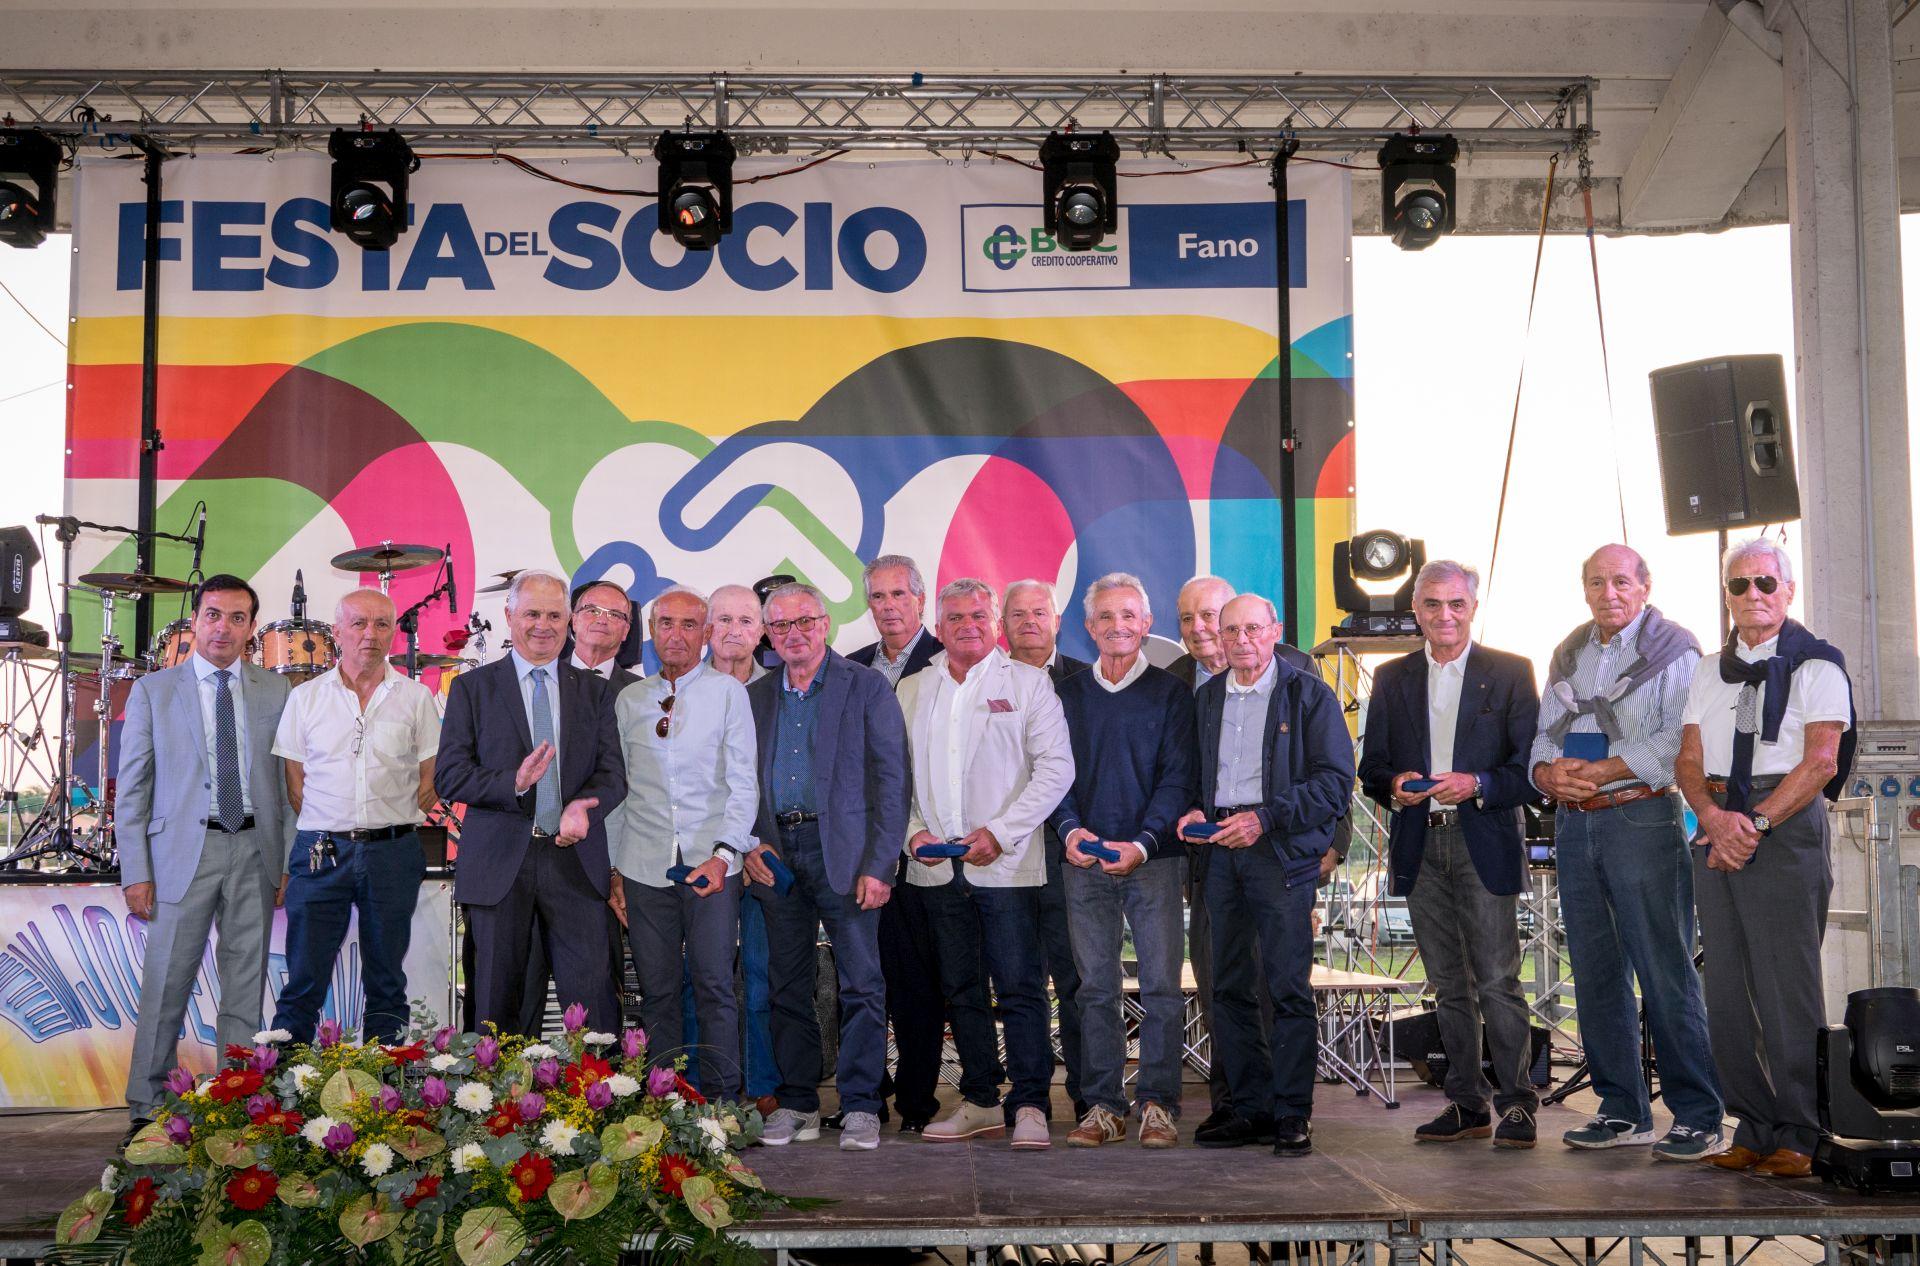 3 200 Persone Fanno Festa Con La Bcc Fano Occhio Alla